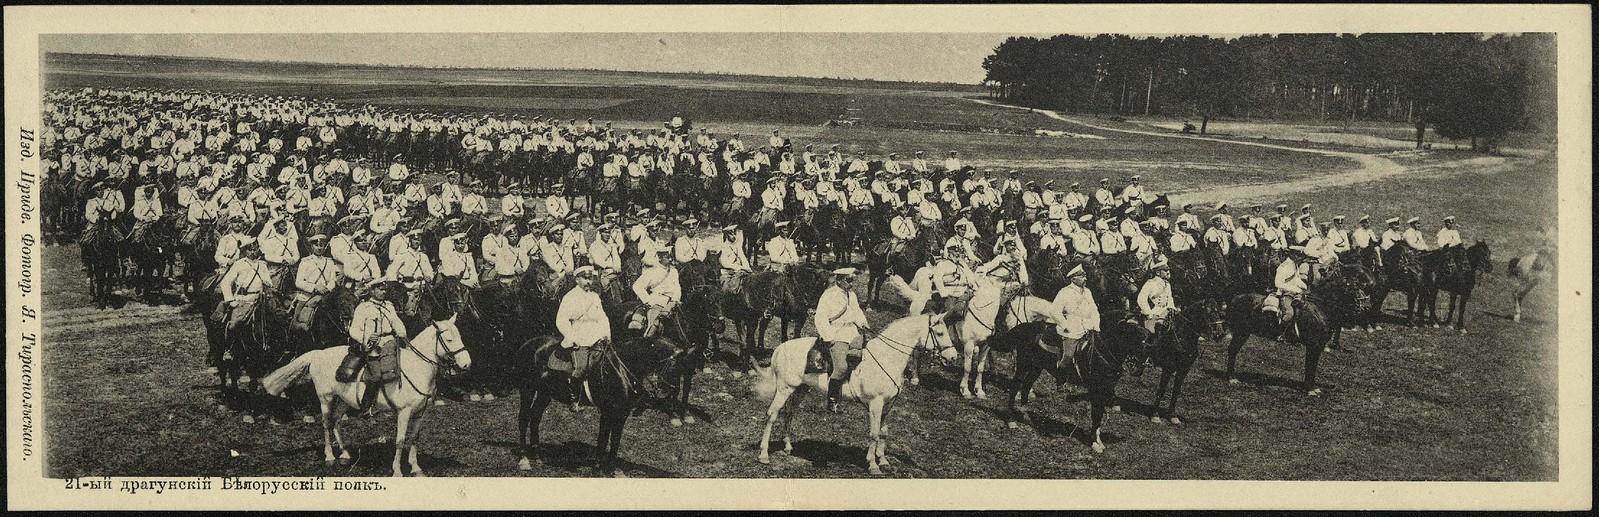 21 драгунский Белорусский полк (3)